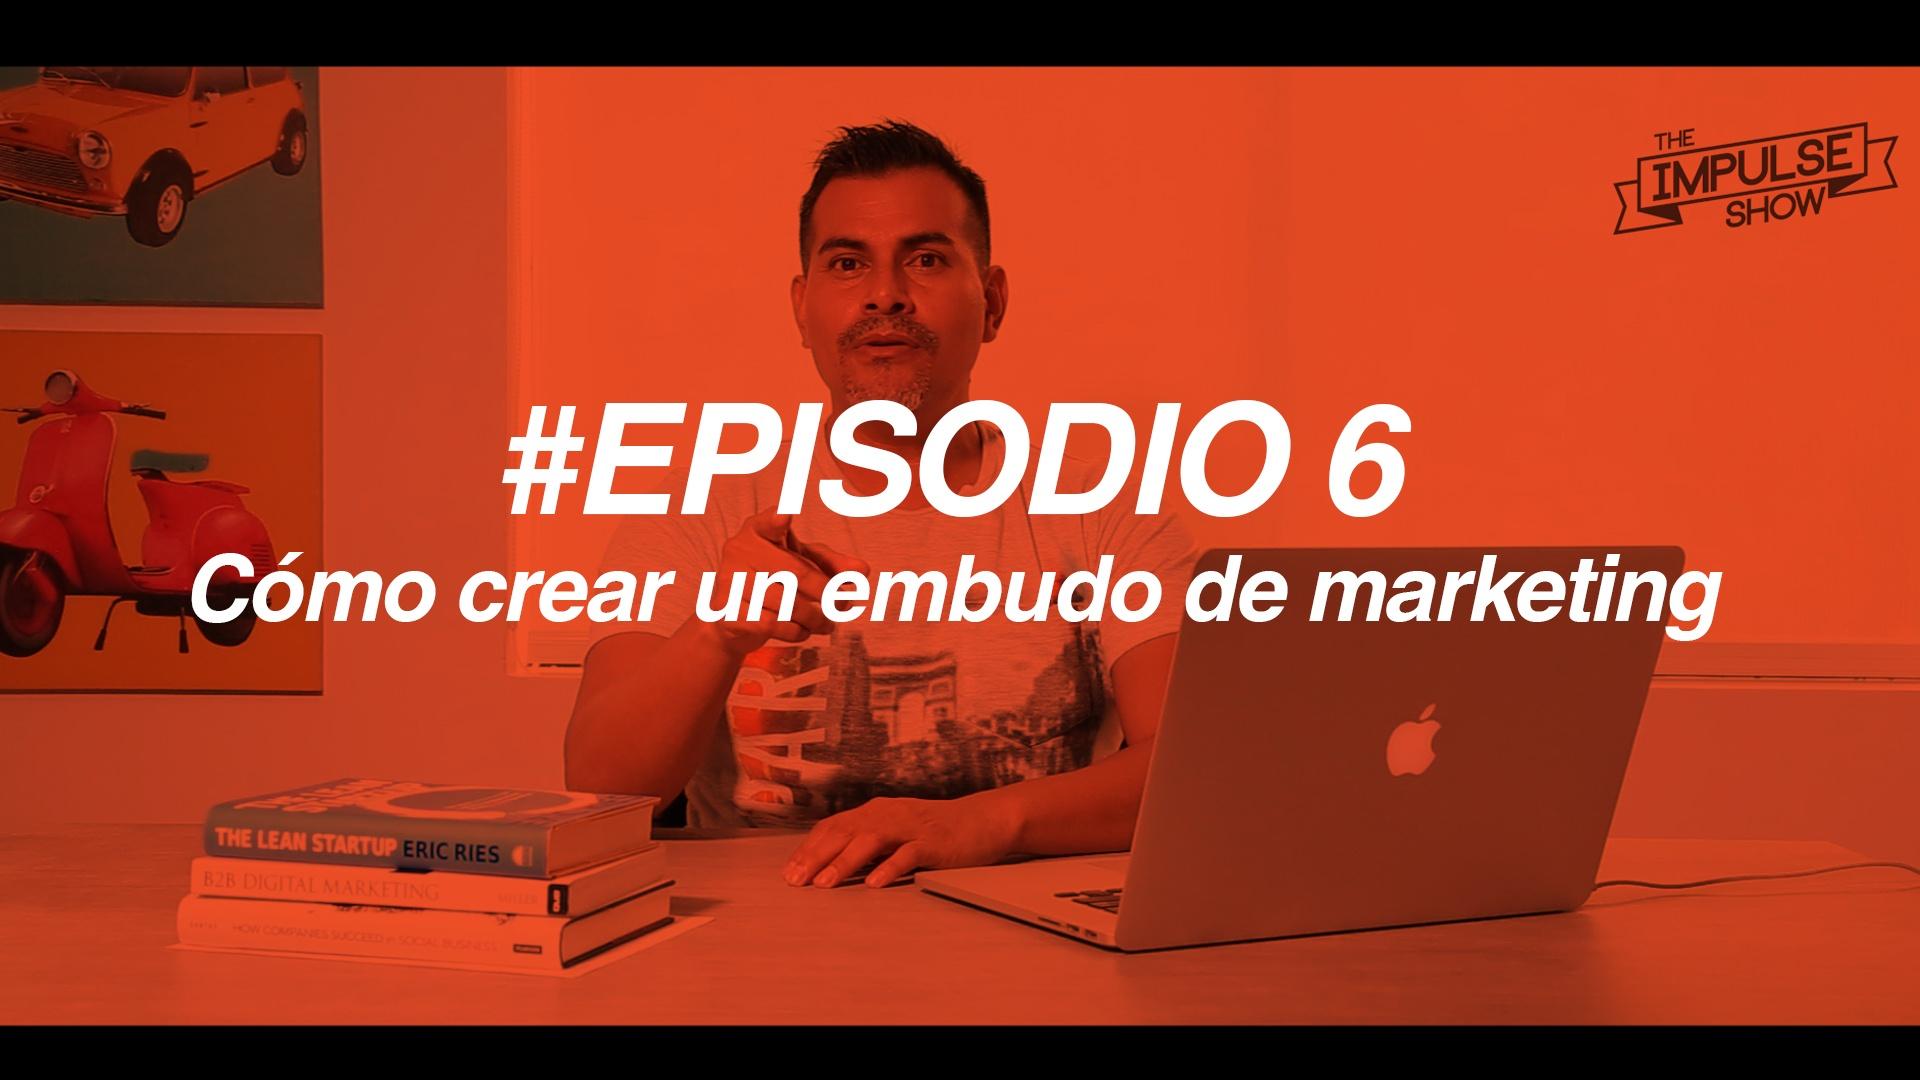 #TheImpulseShow Ep 6: Aprende a crear un embudo de marketing para atraer potenciales clientes y convertirlos en promotores de tu negocio